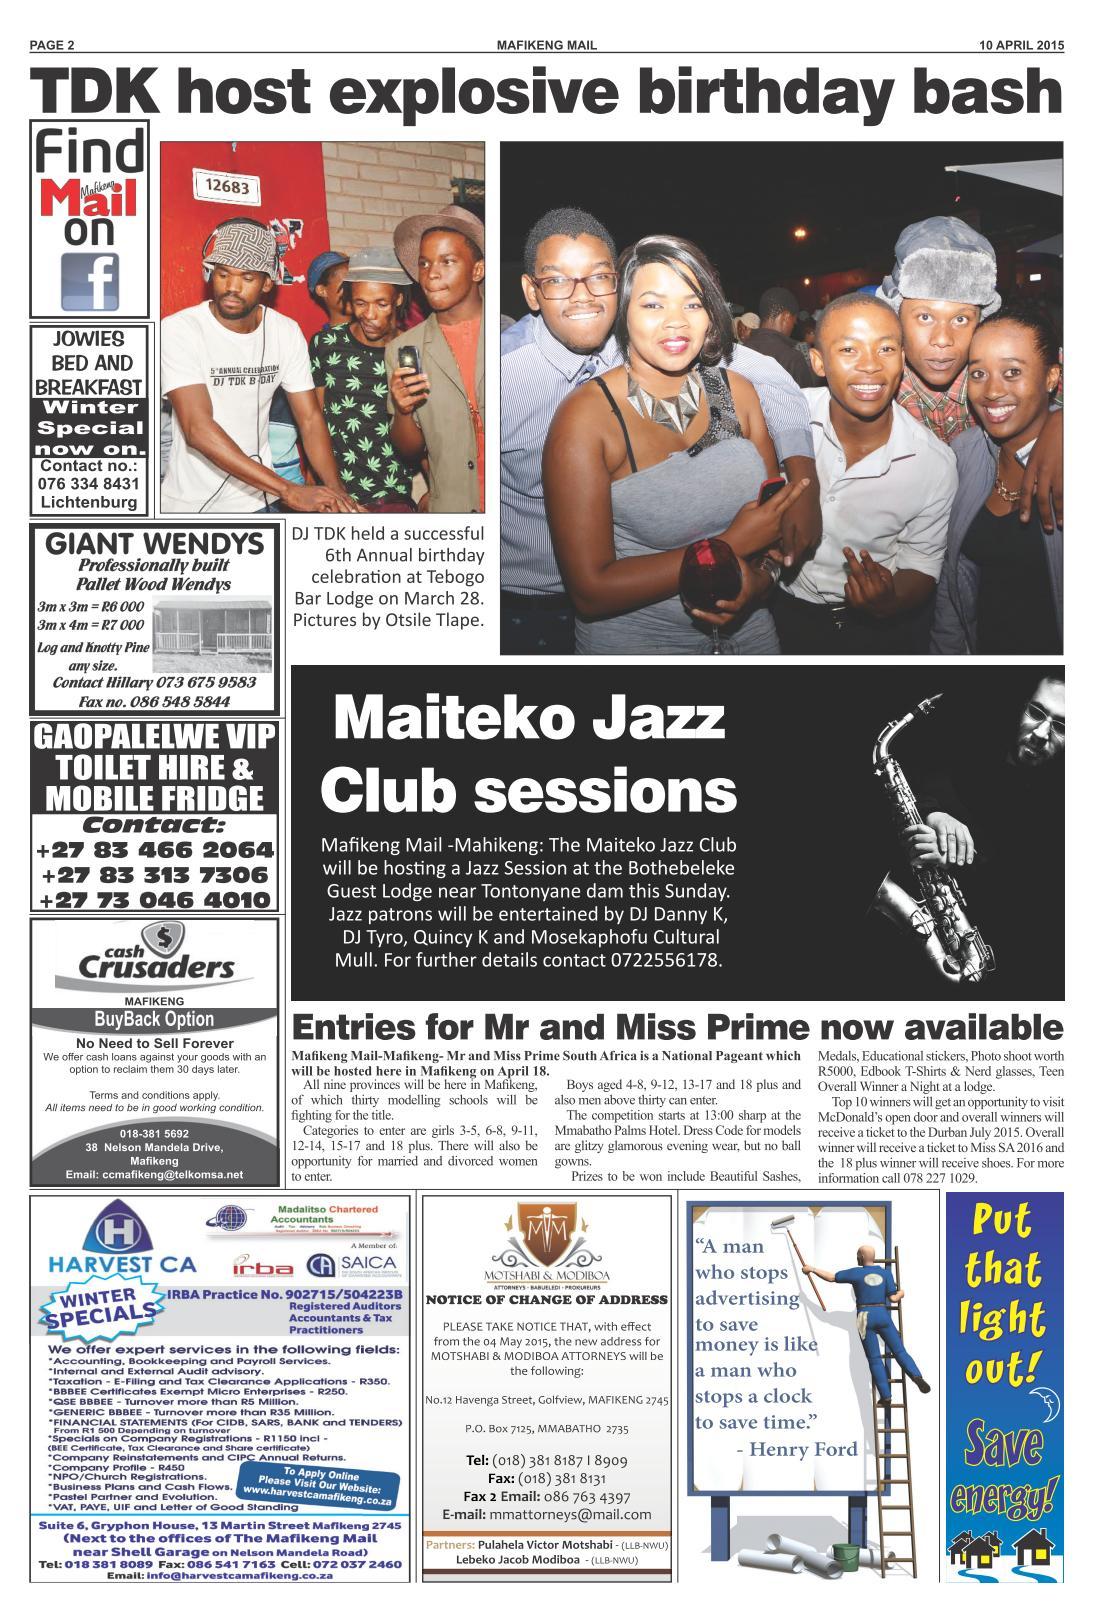 www salocalnewspapers co za - /newspapers/mafikengmail